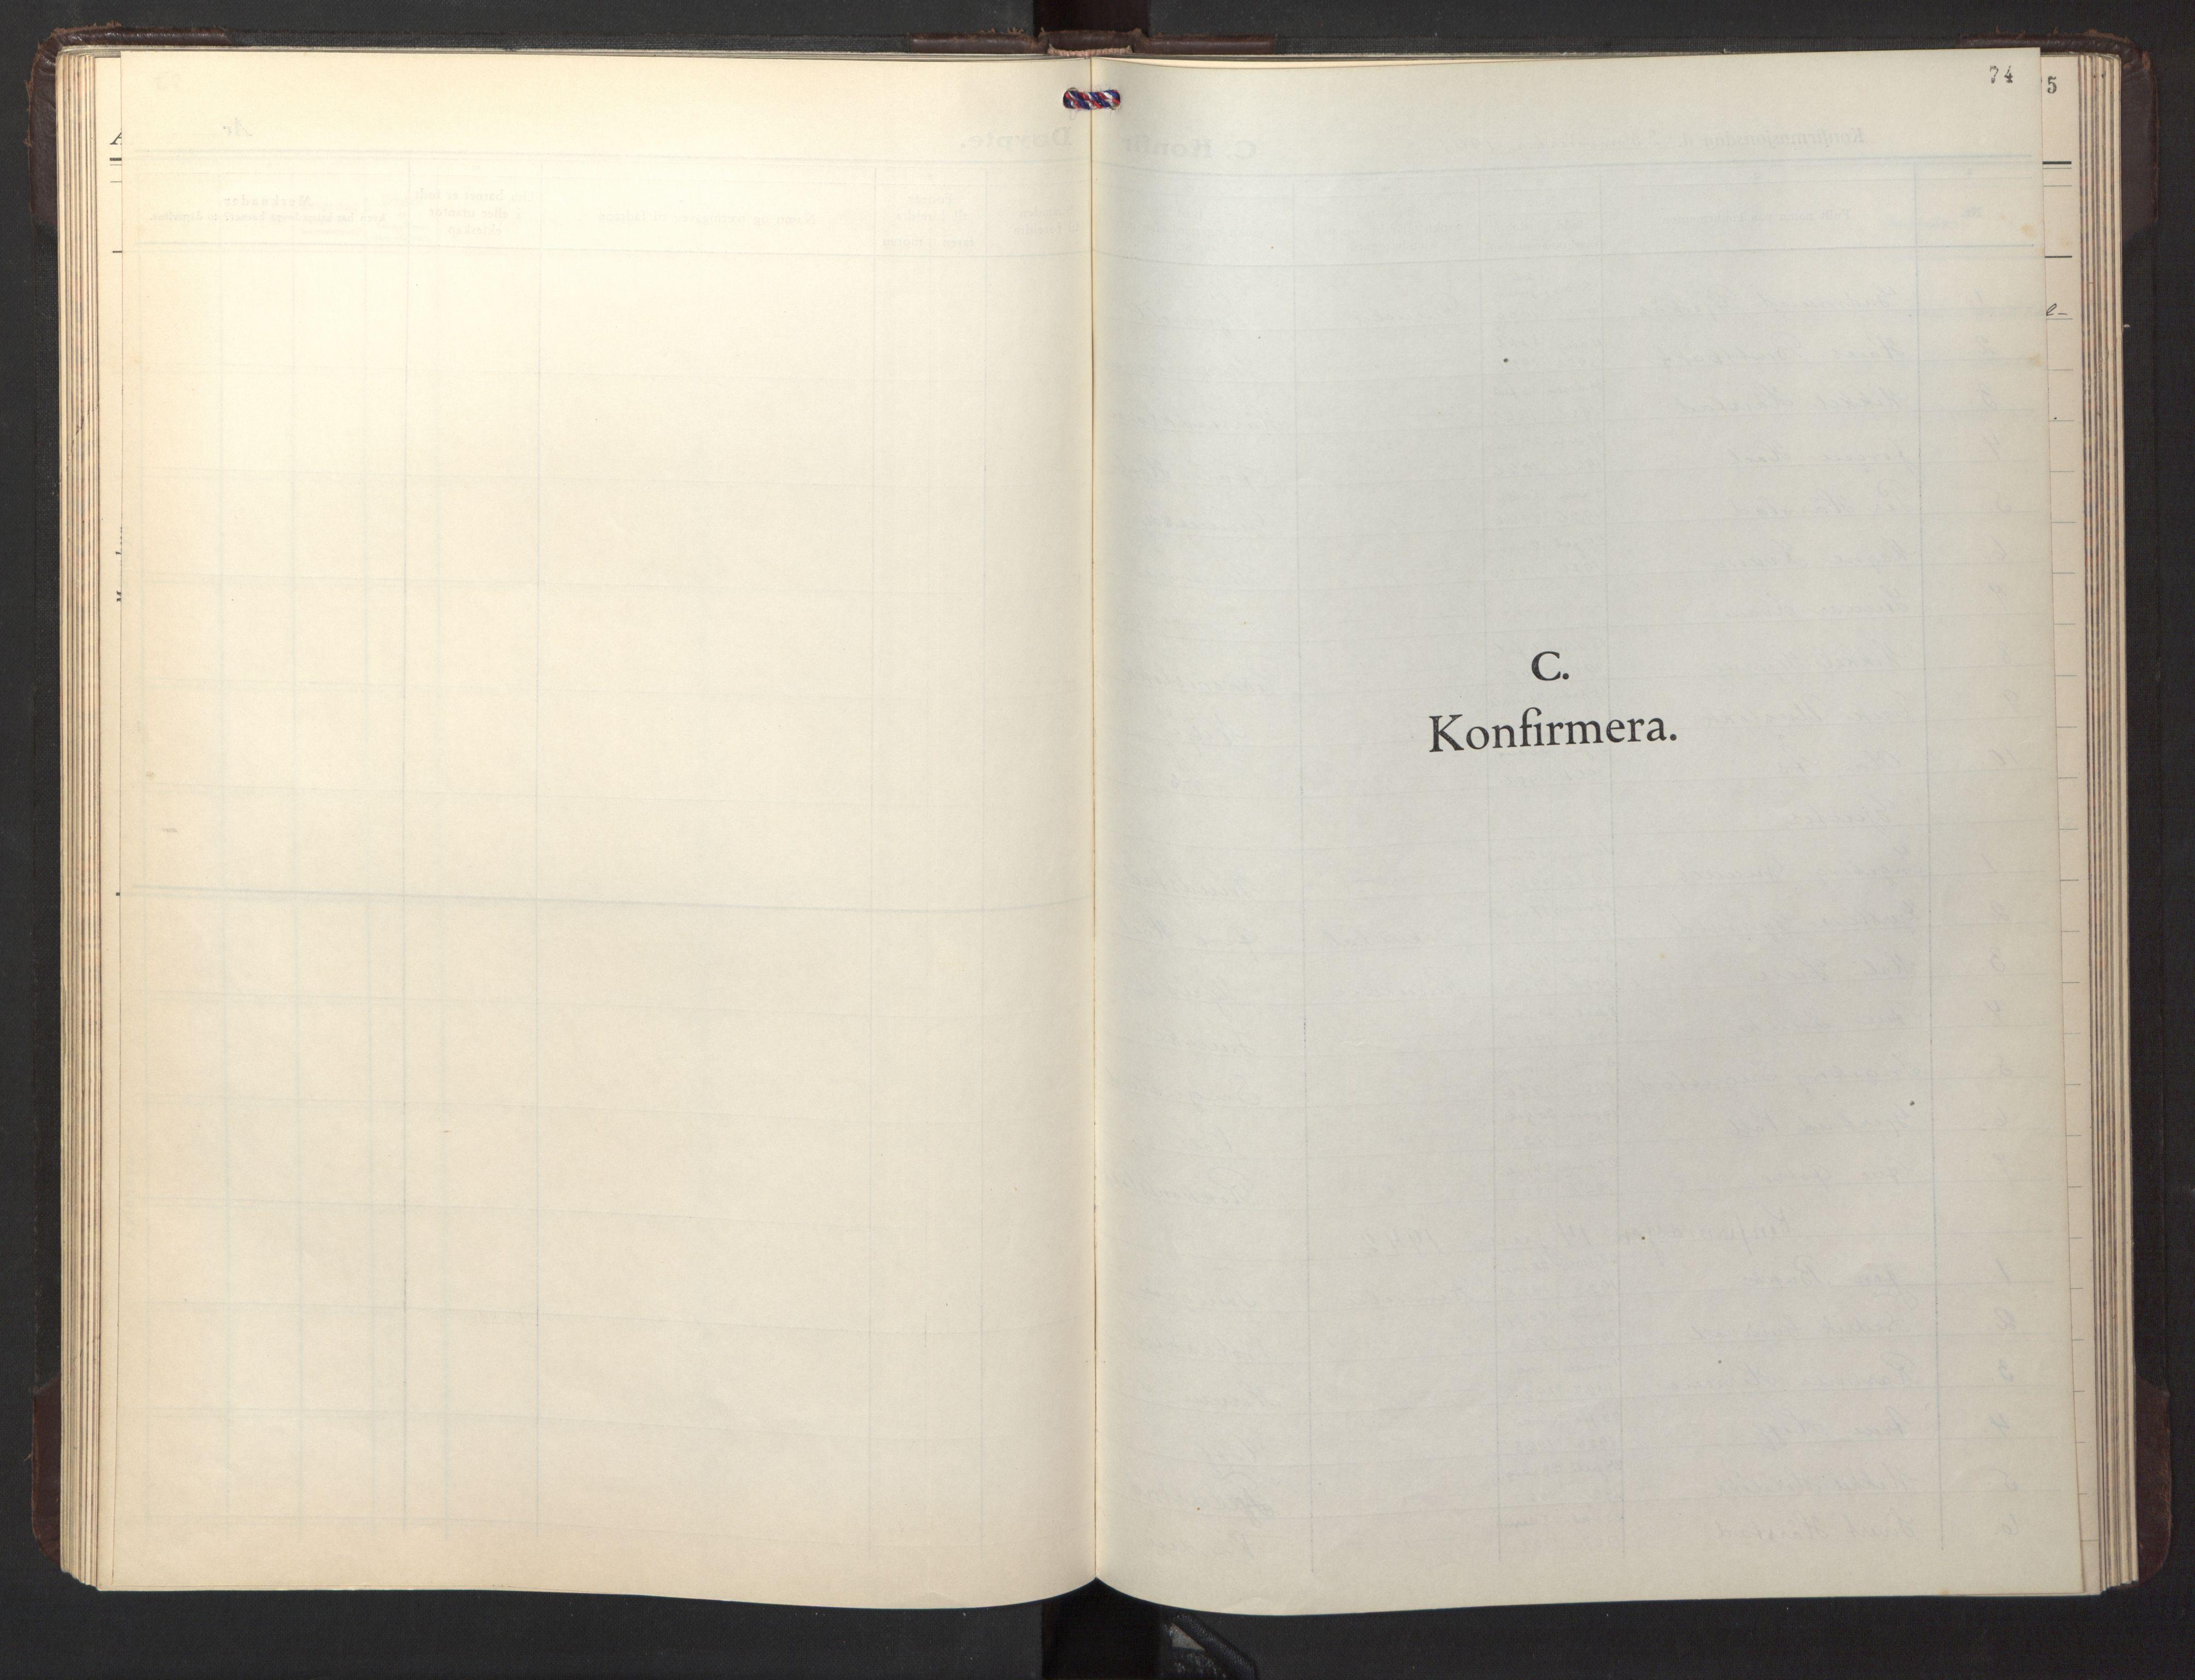 SAT, Ministerialprotokoller, klokkerbøker og fødselsregistre - Sør-Trøndelag, 674/L0878: Klokkerbok nr. 674C05, 1941-1950, s. 74